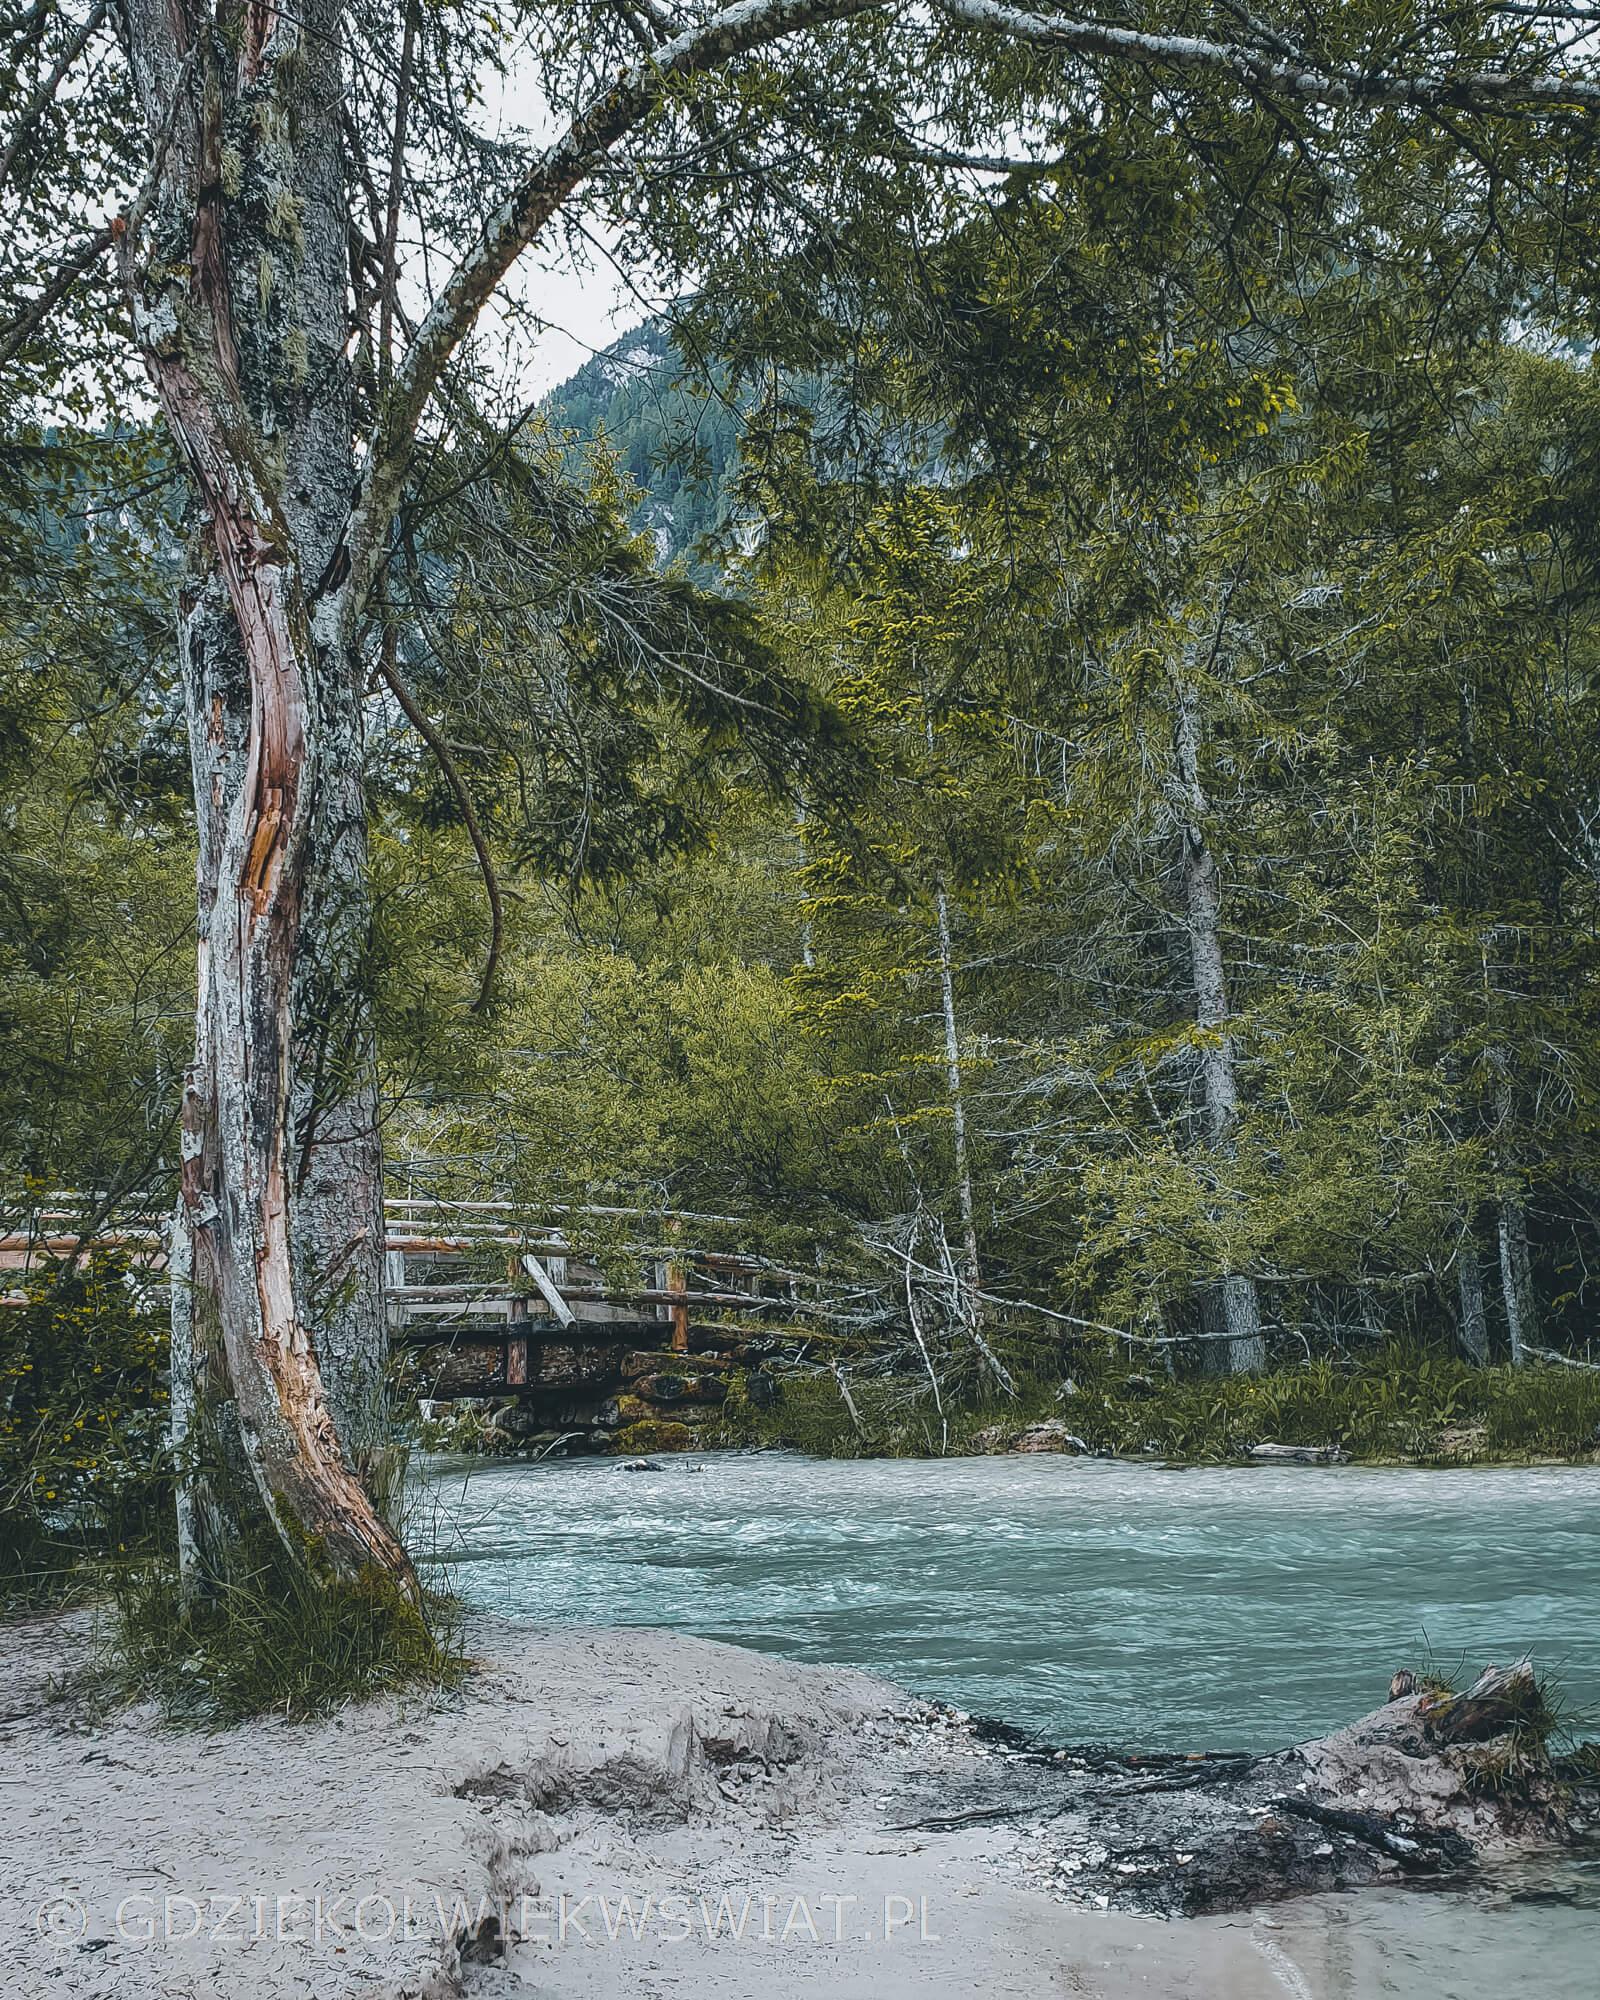 Południowy Tyrol łatwe najpiękniejsze szlaki